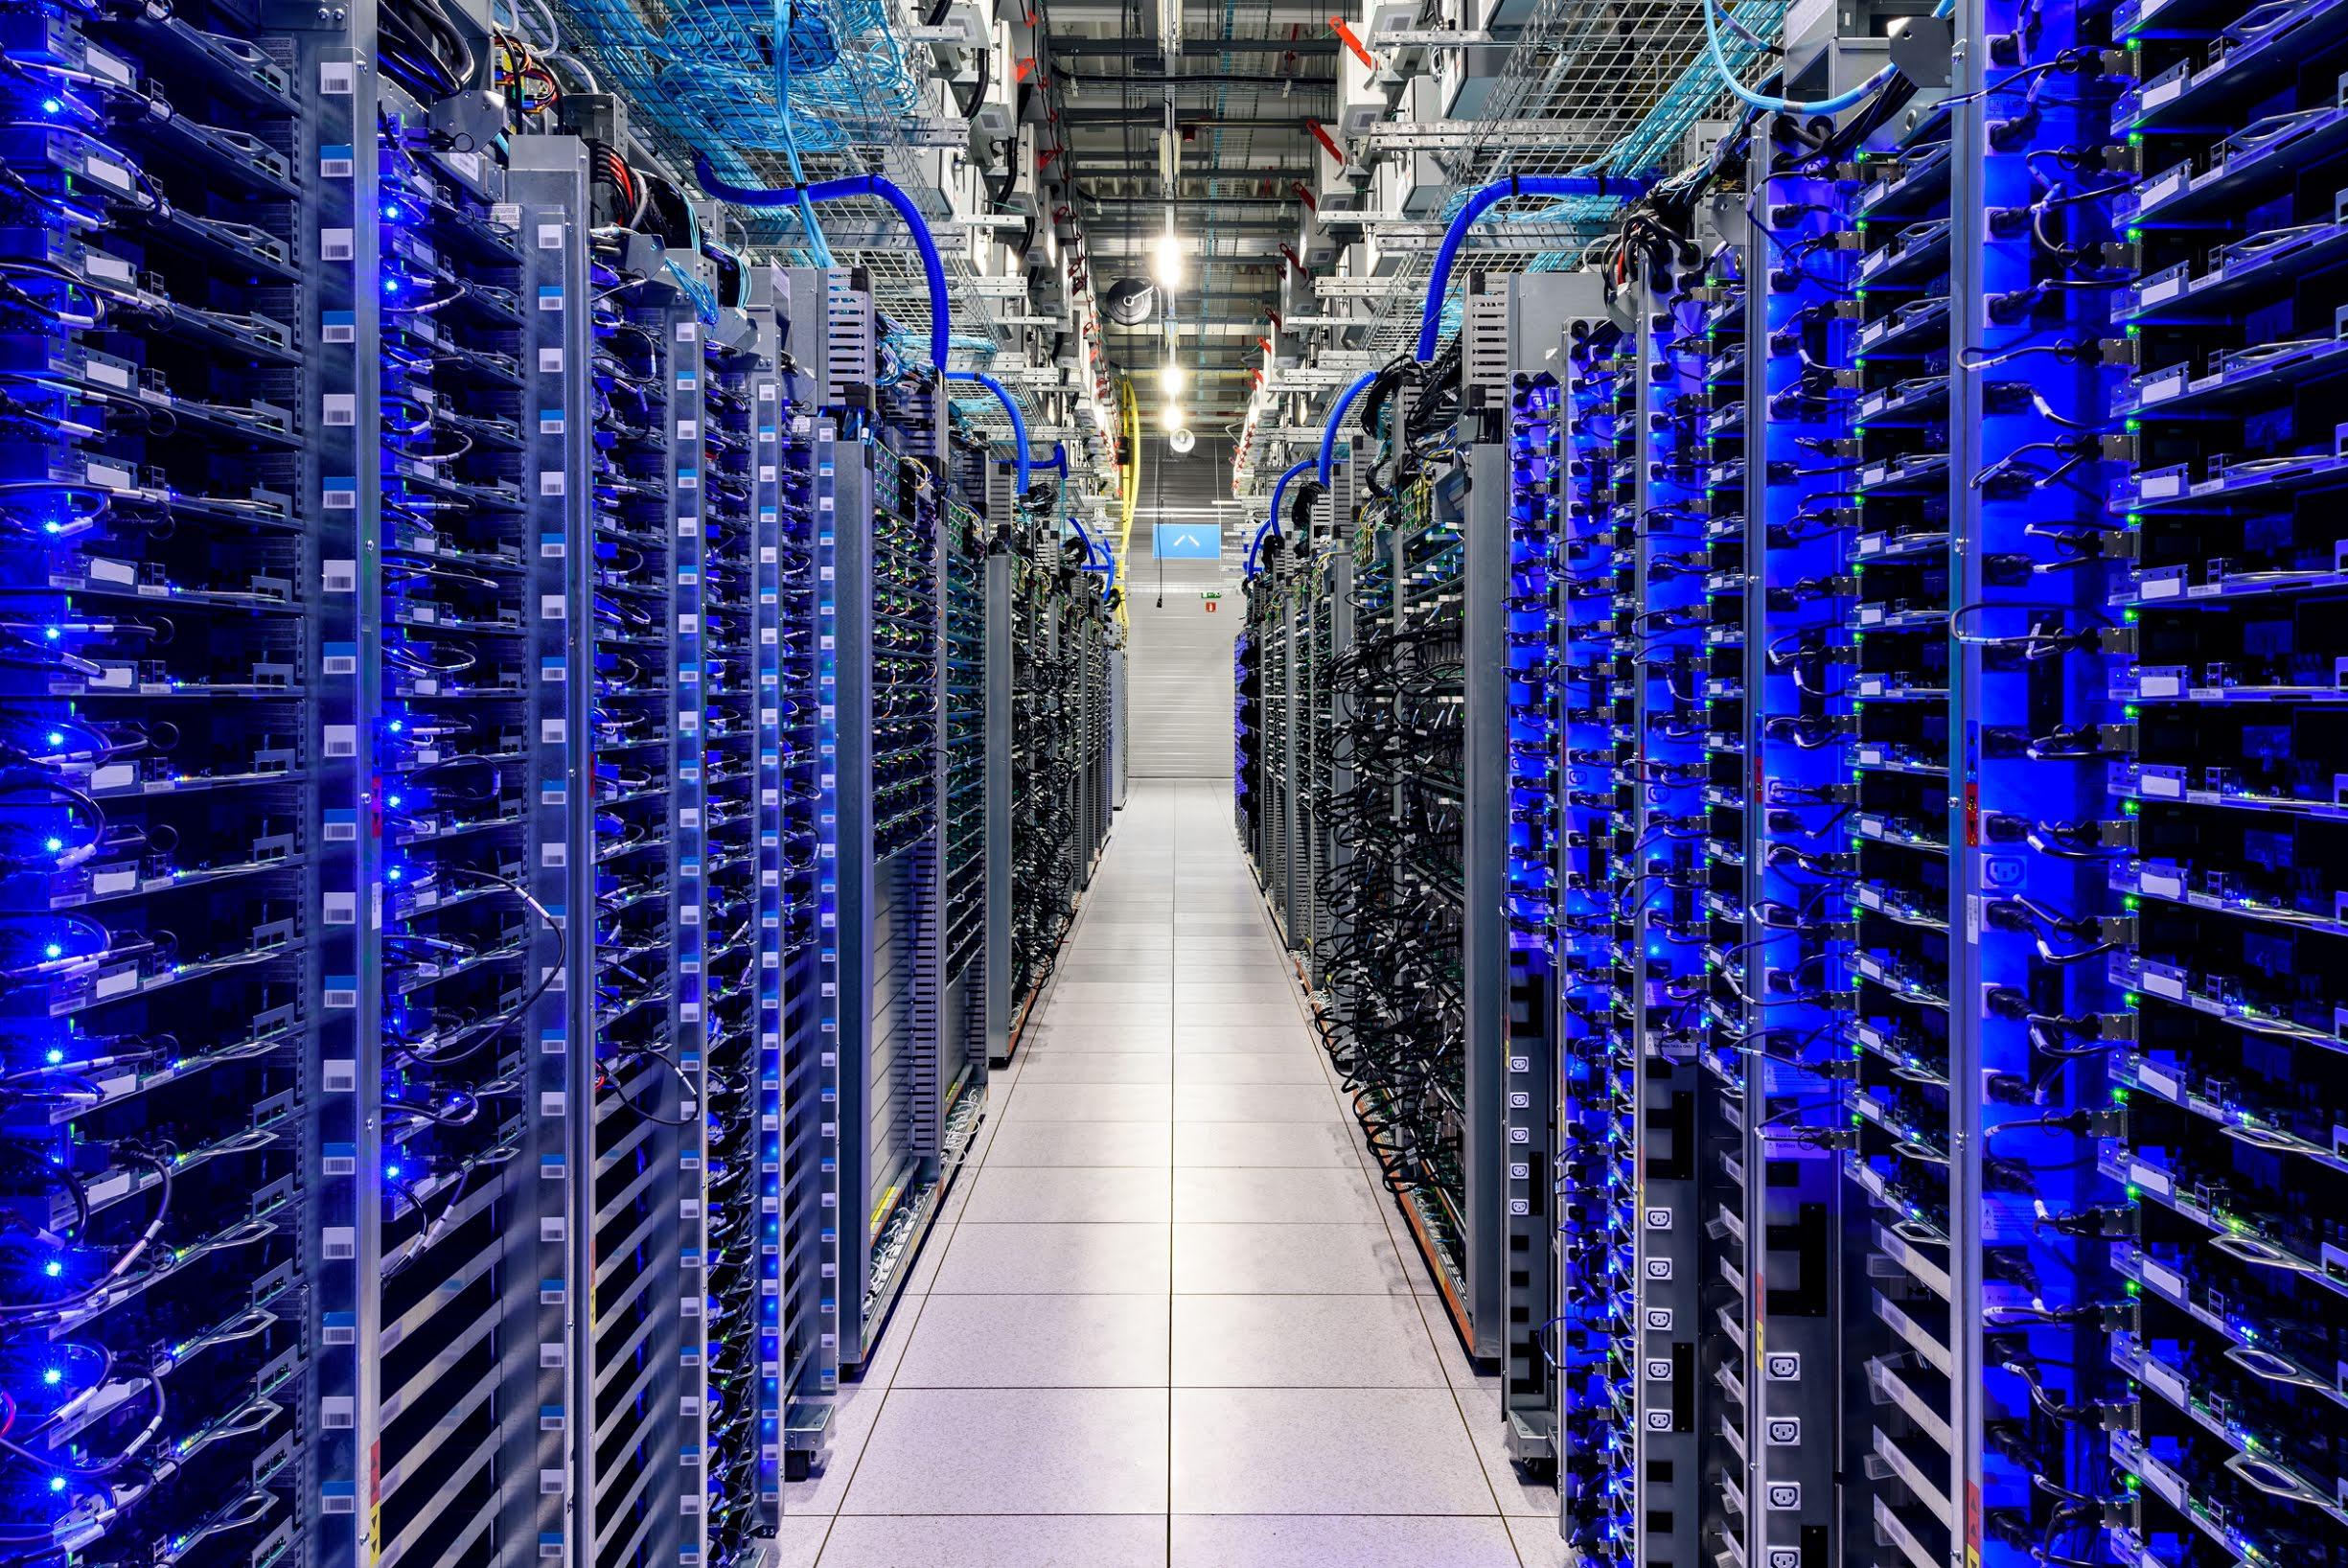 как поставить самп сервер на хостинг evehost